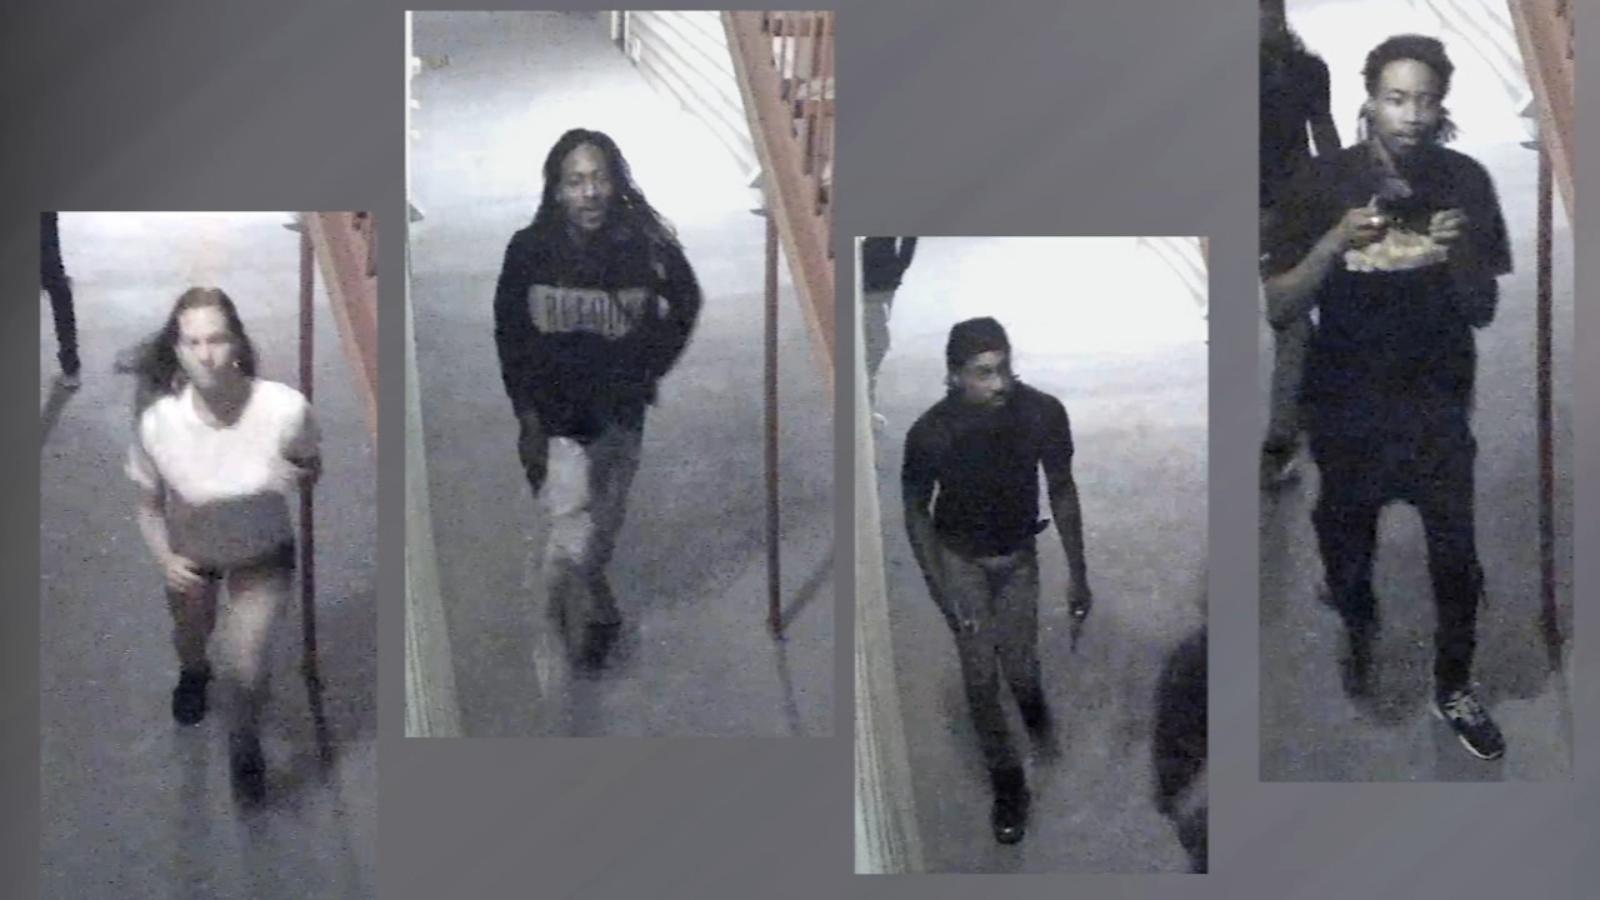 Fayetteville Police arrest 1, seek 3 in stabbing, robbery of resident